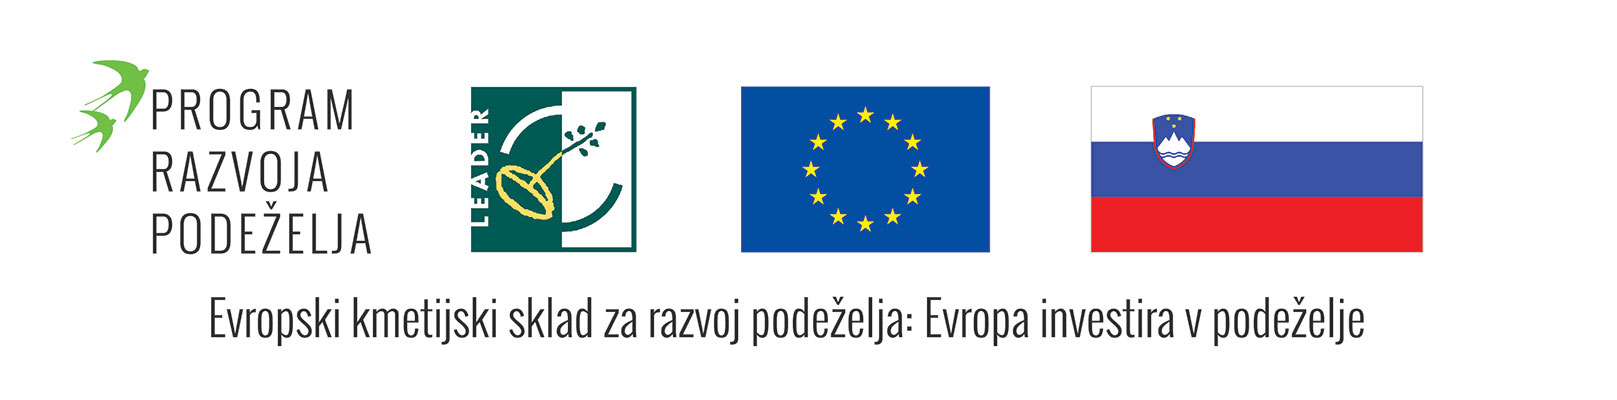 Evropski kmetijski sklad za razvoj podeželja: Evropa investira v podeželje